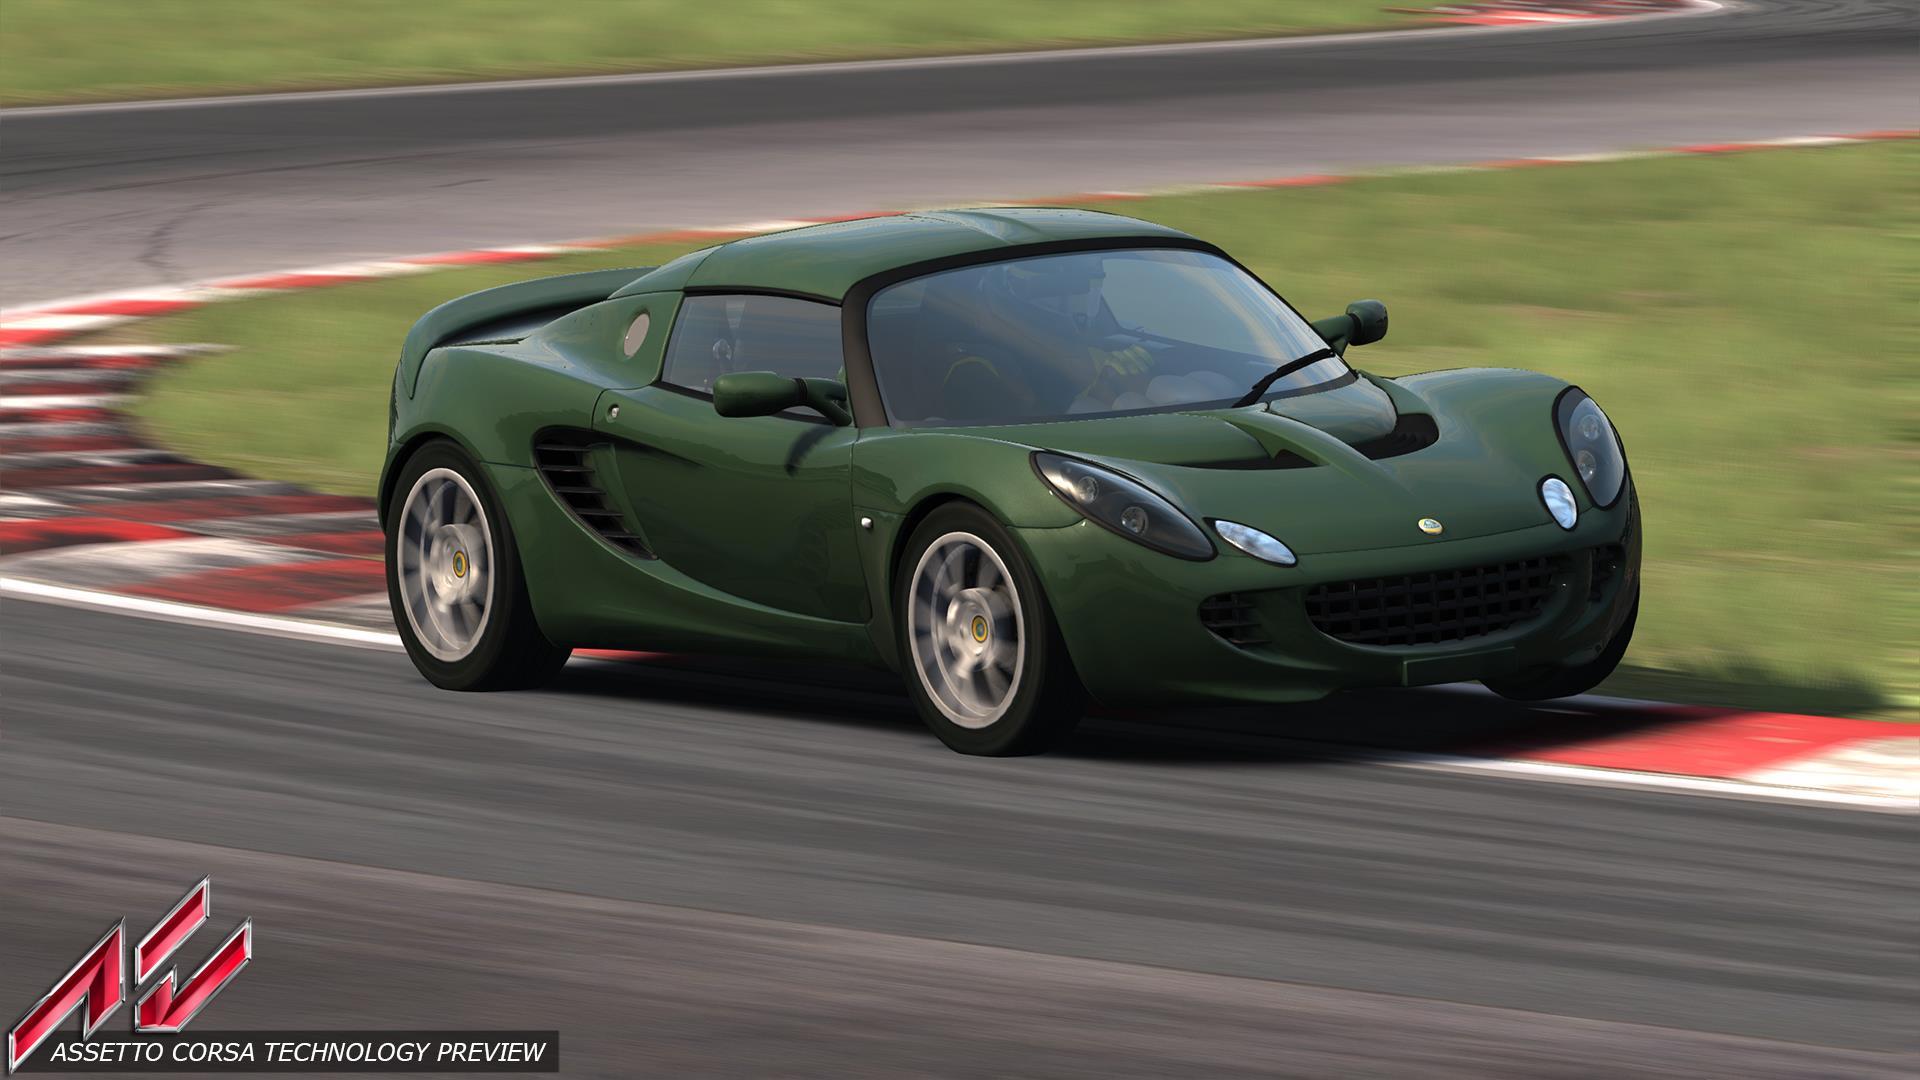 Assetto Corsa: Így szól a Lotus Elise